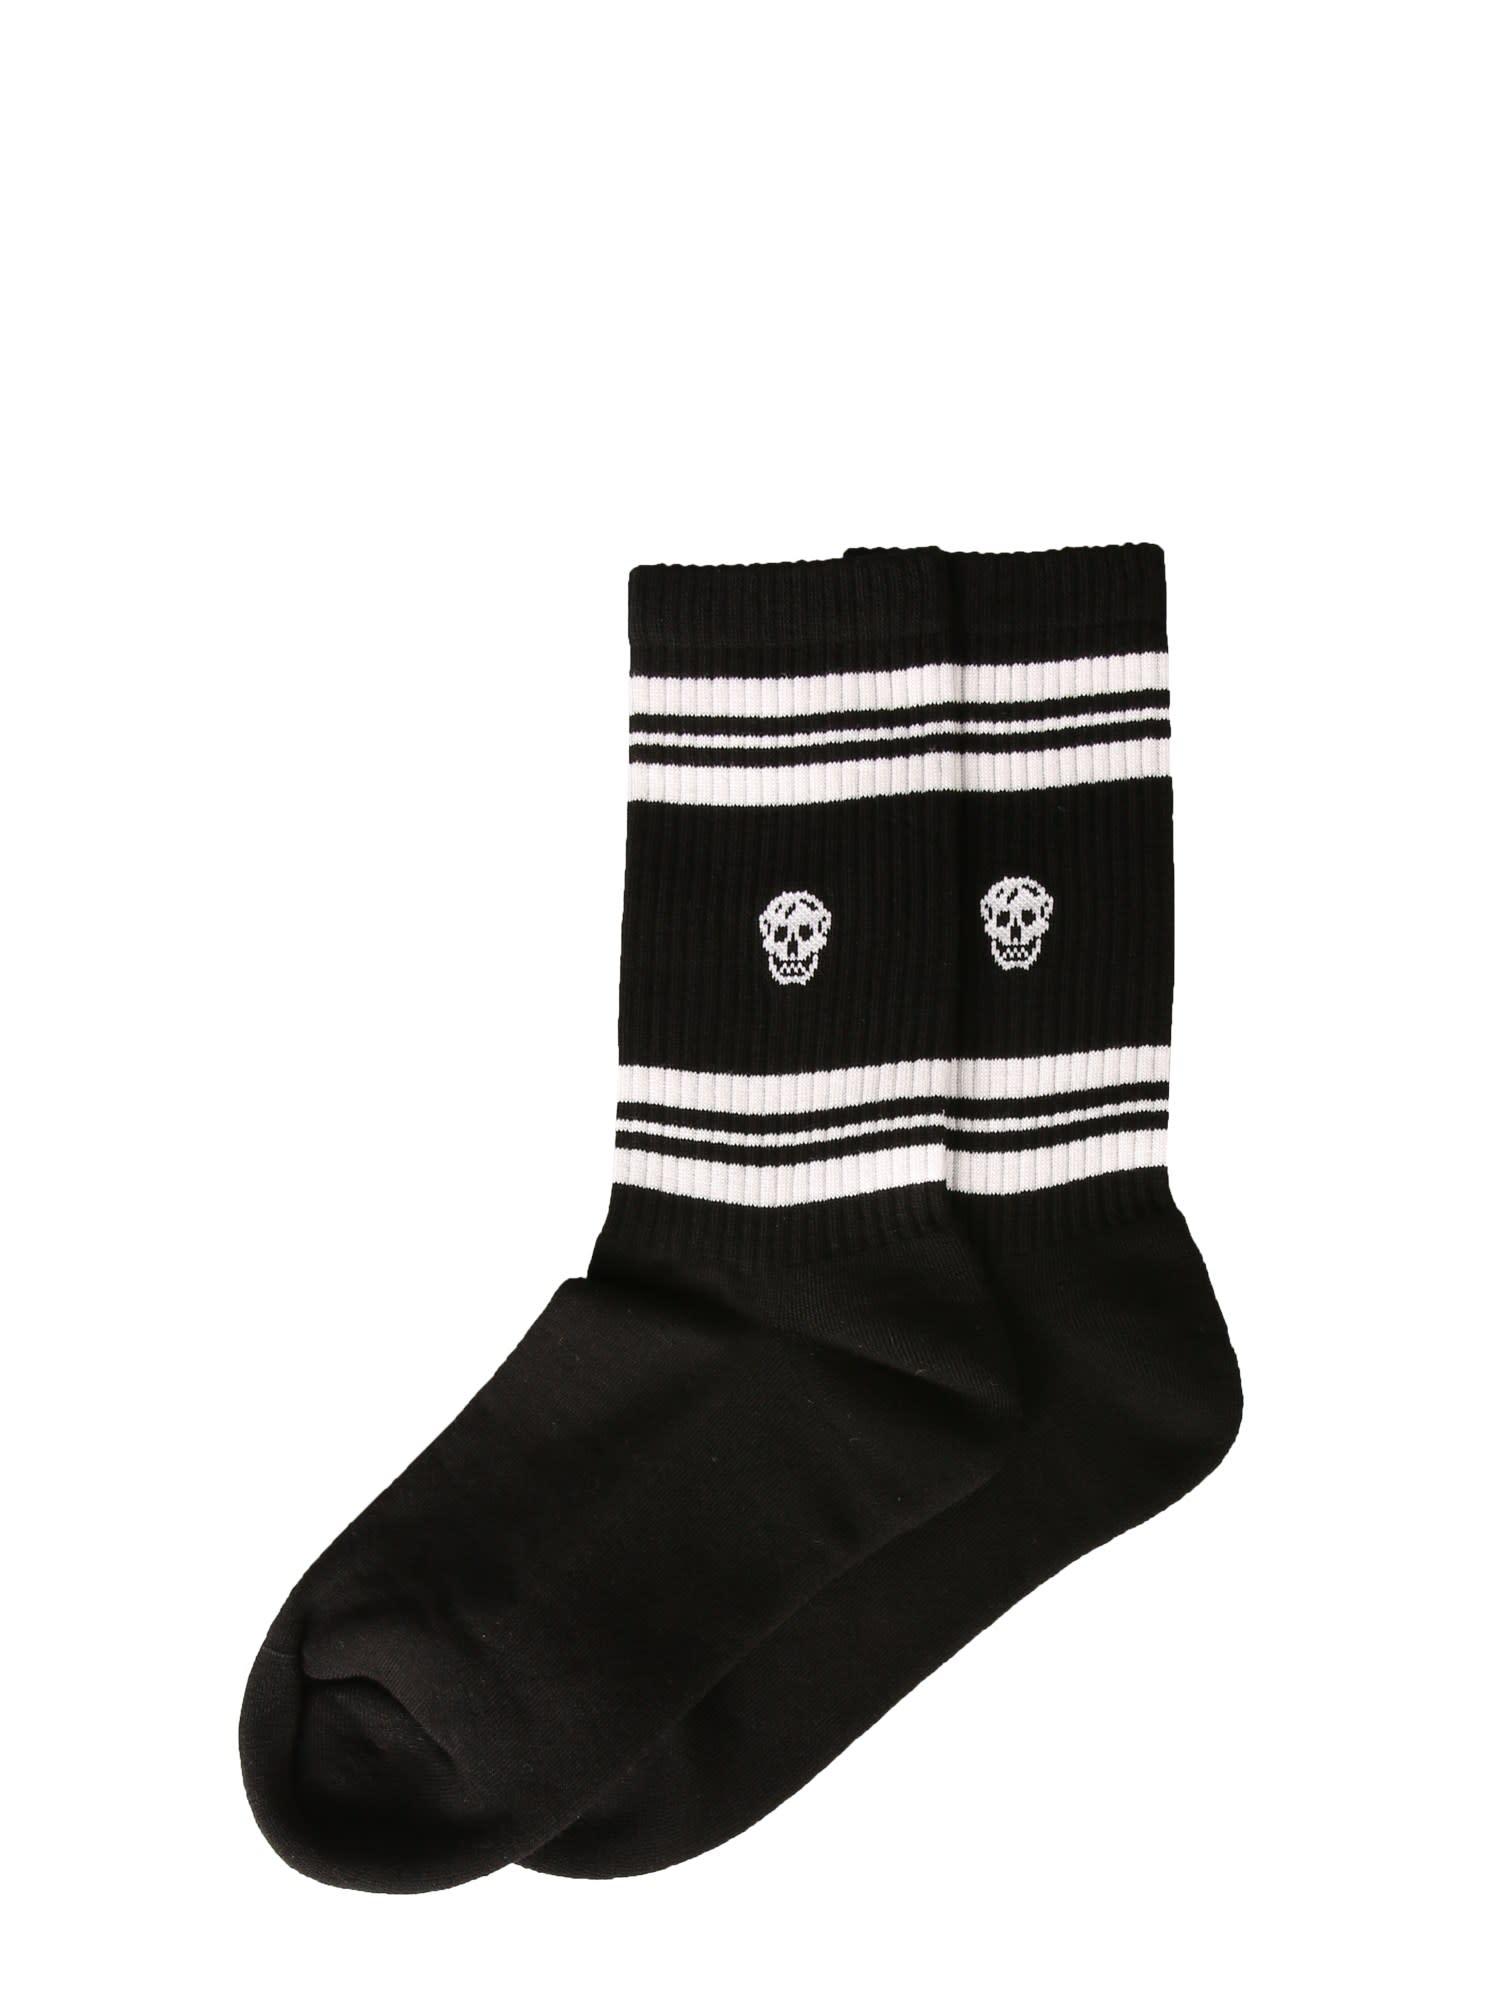 Alexander McQueen Sports Skull Socks